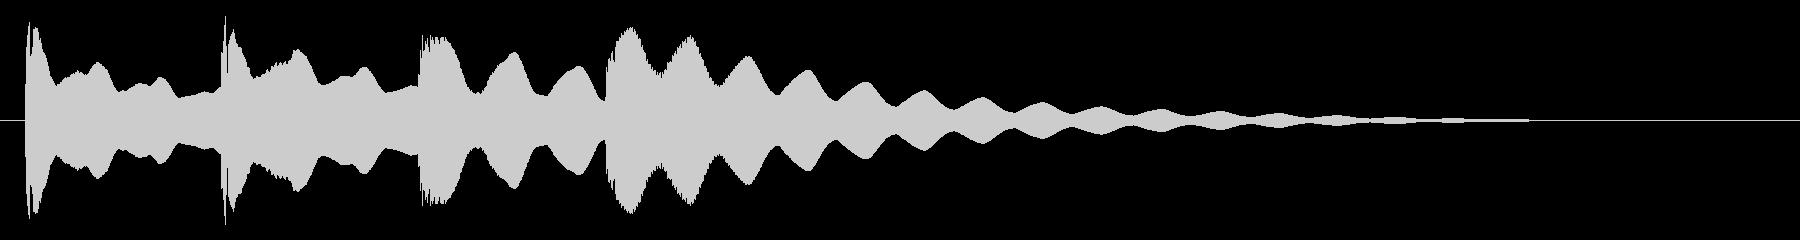 ヒント・発見・クエスチョンの未再生の波形